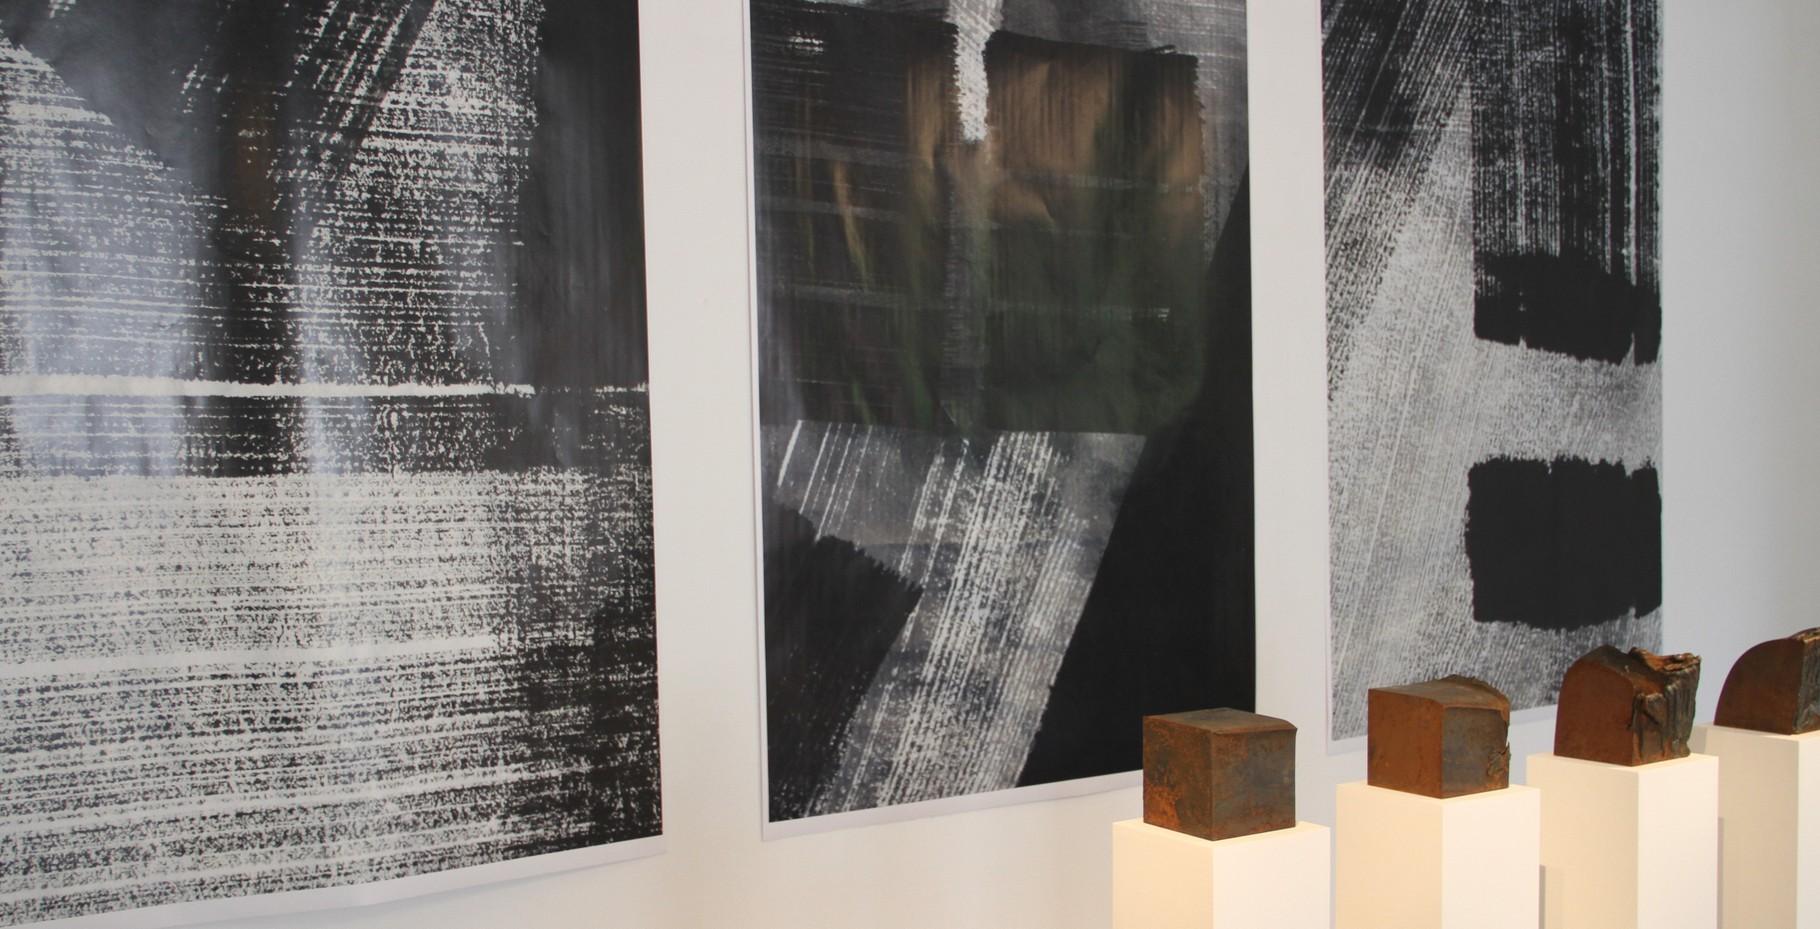 2015 巴登 - 瑙海姆市双人展 · 近法兰克福